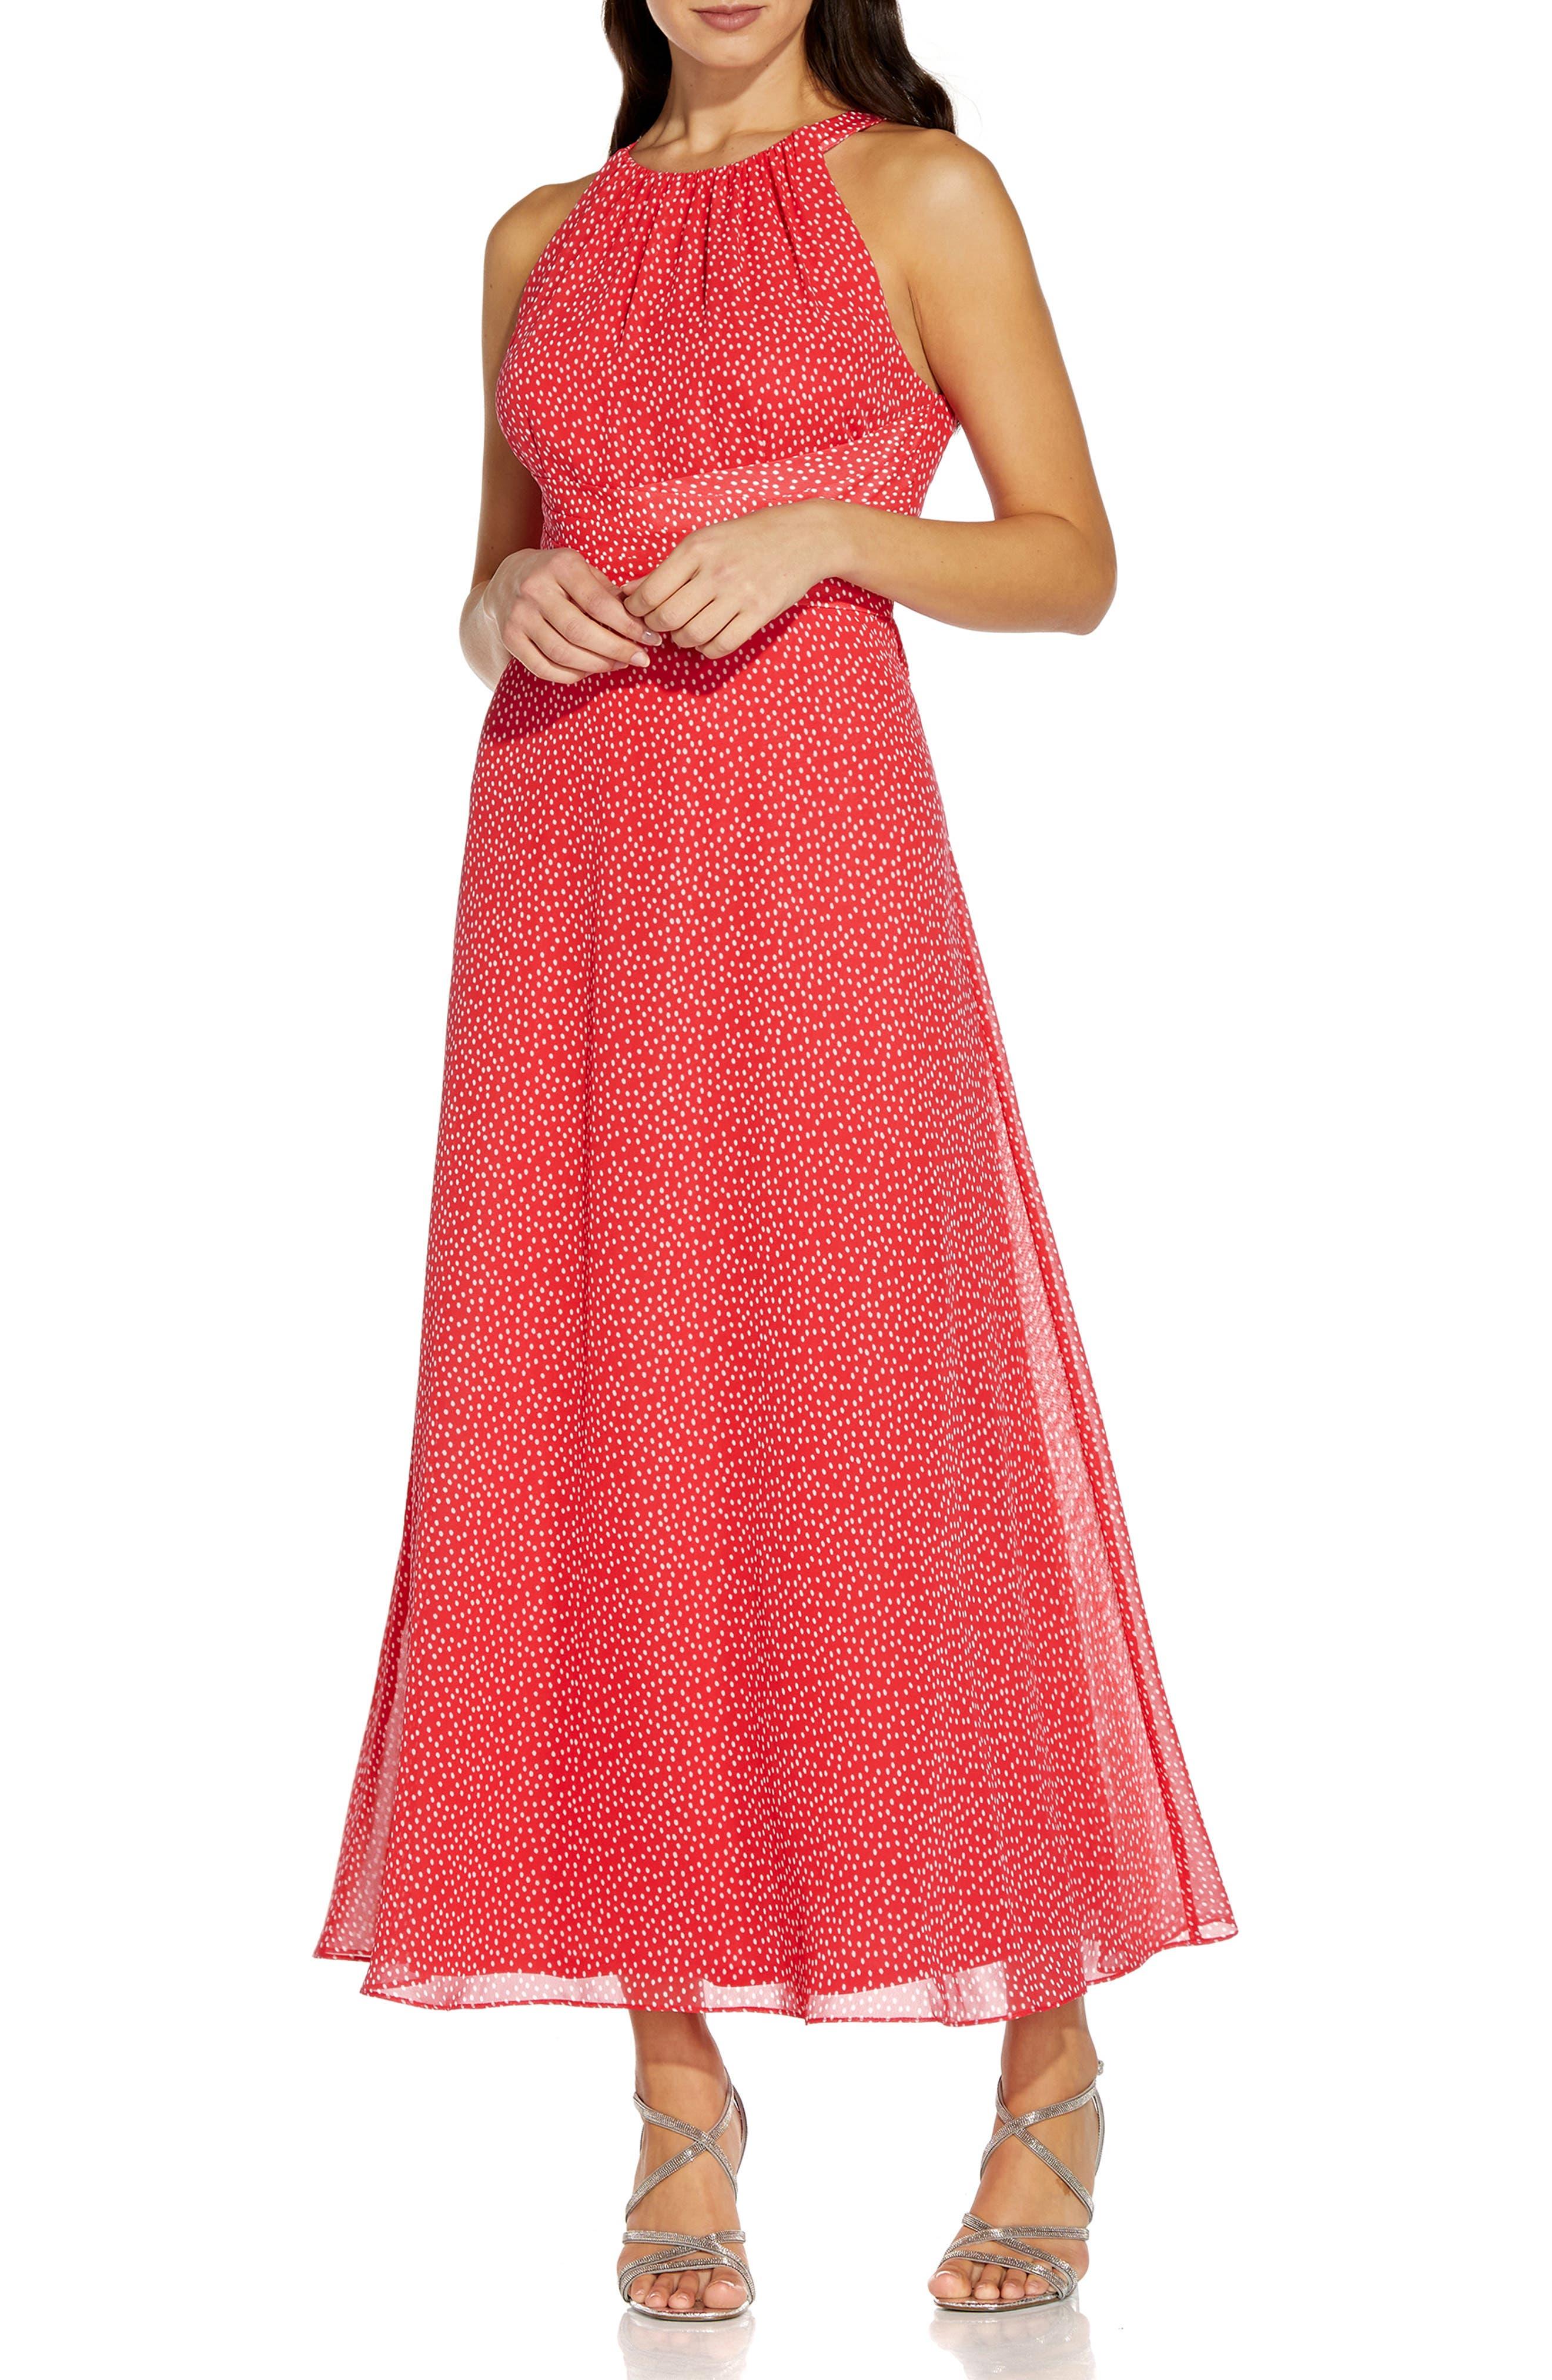 Darling Dot Sleeveless Chiffon Dress